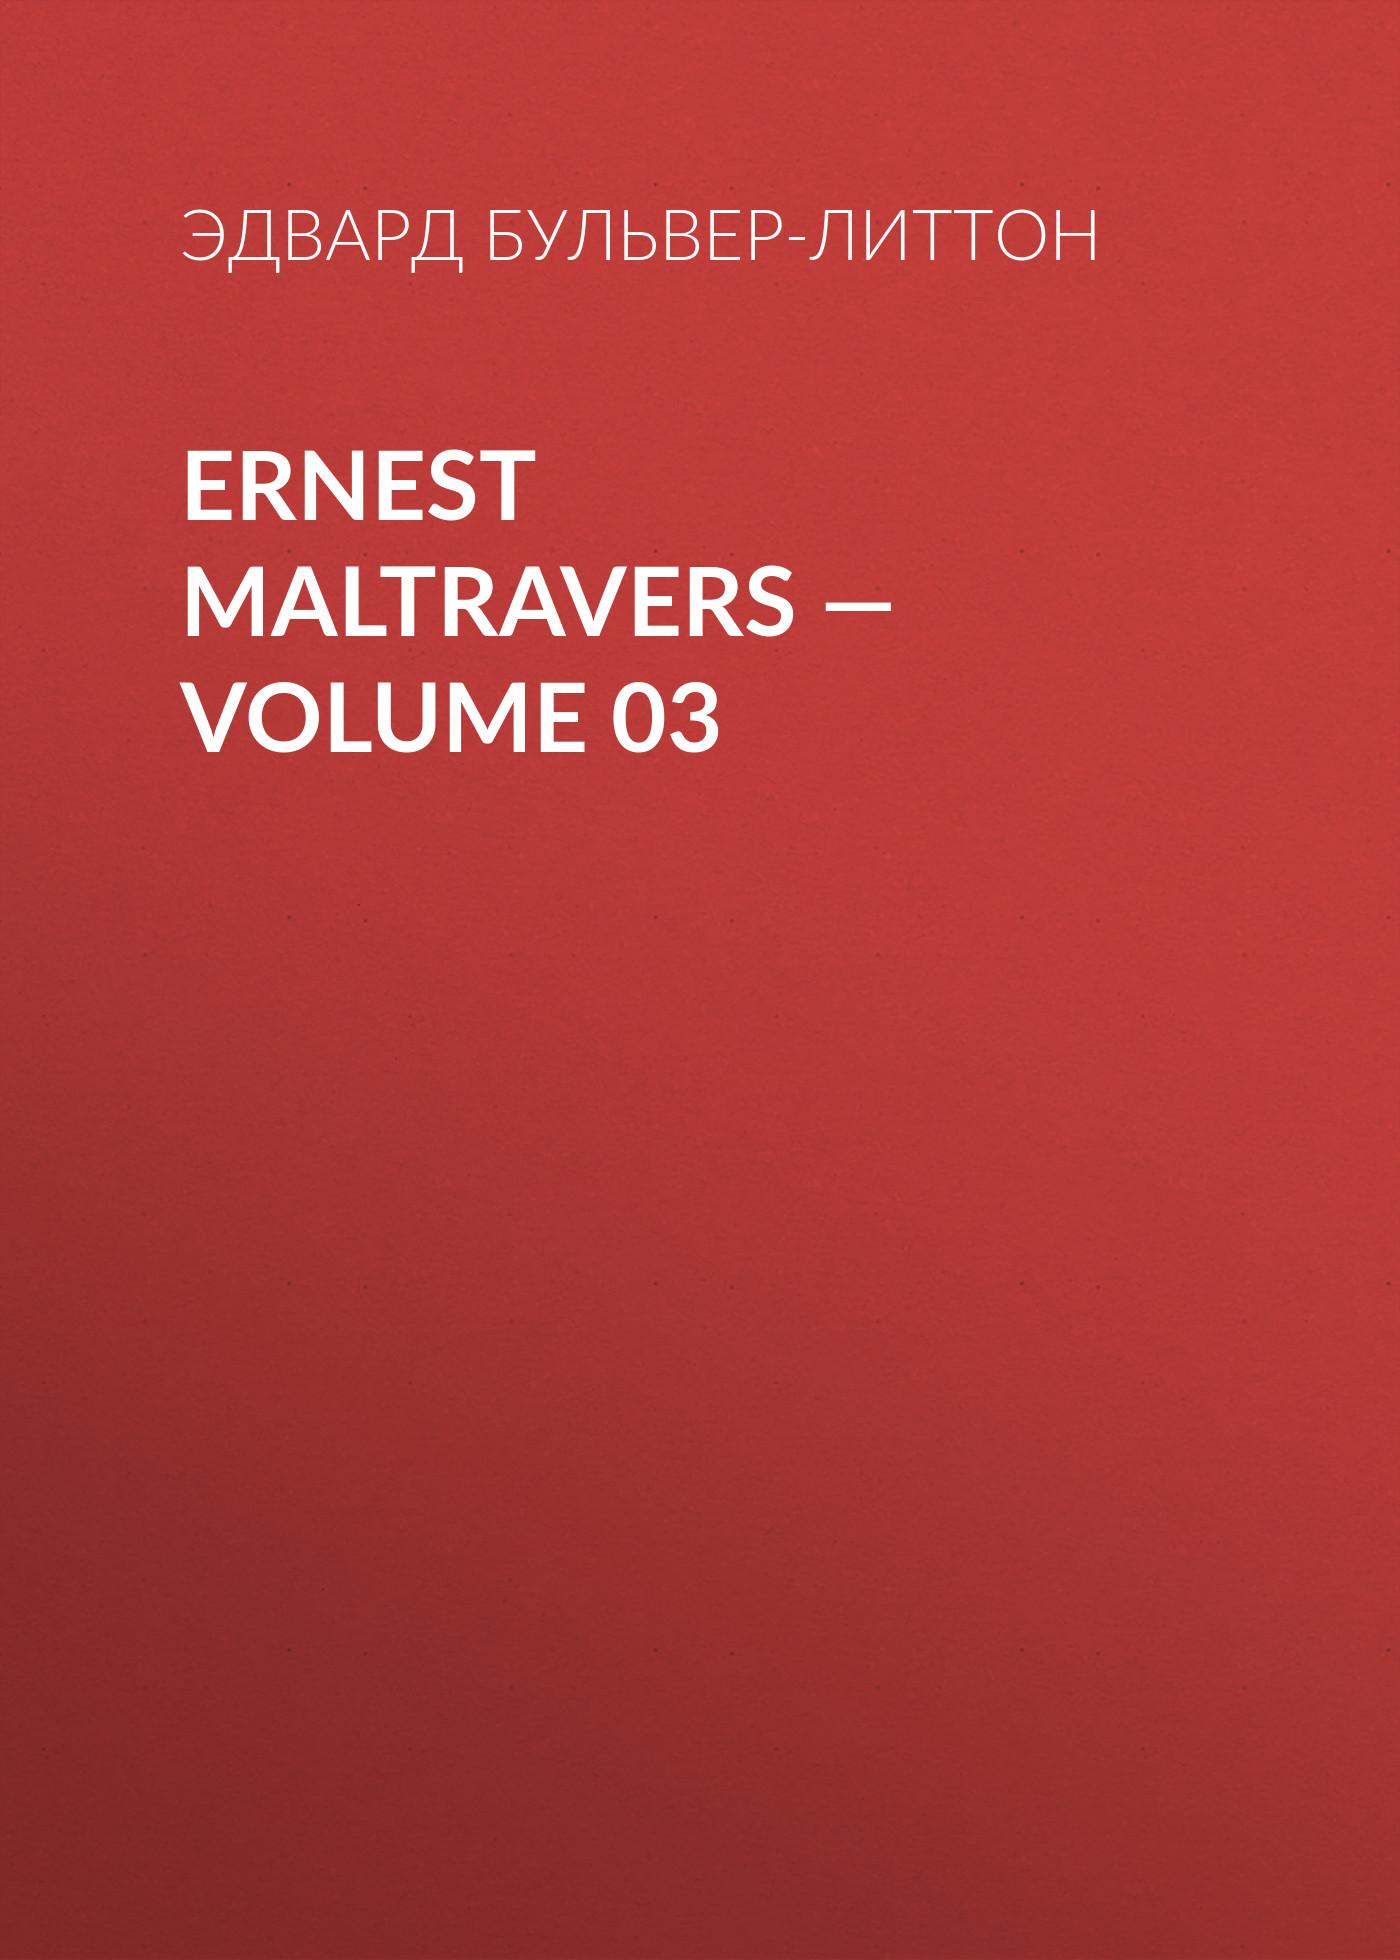 Эдвард Бульвер-Литтон Ernest Maltravers — Volume 03 эдвард бульвер литтон ernest maltravers volume 02